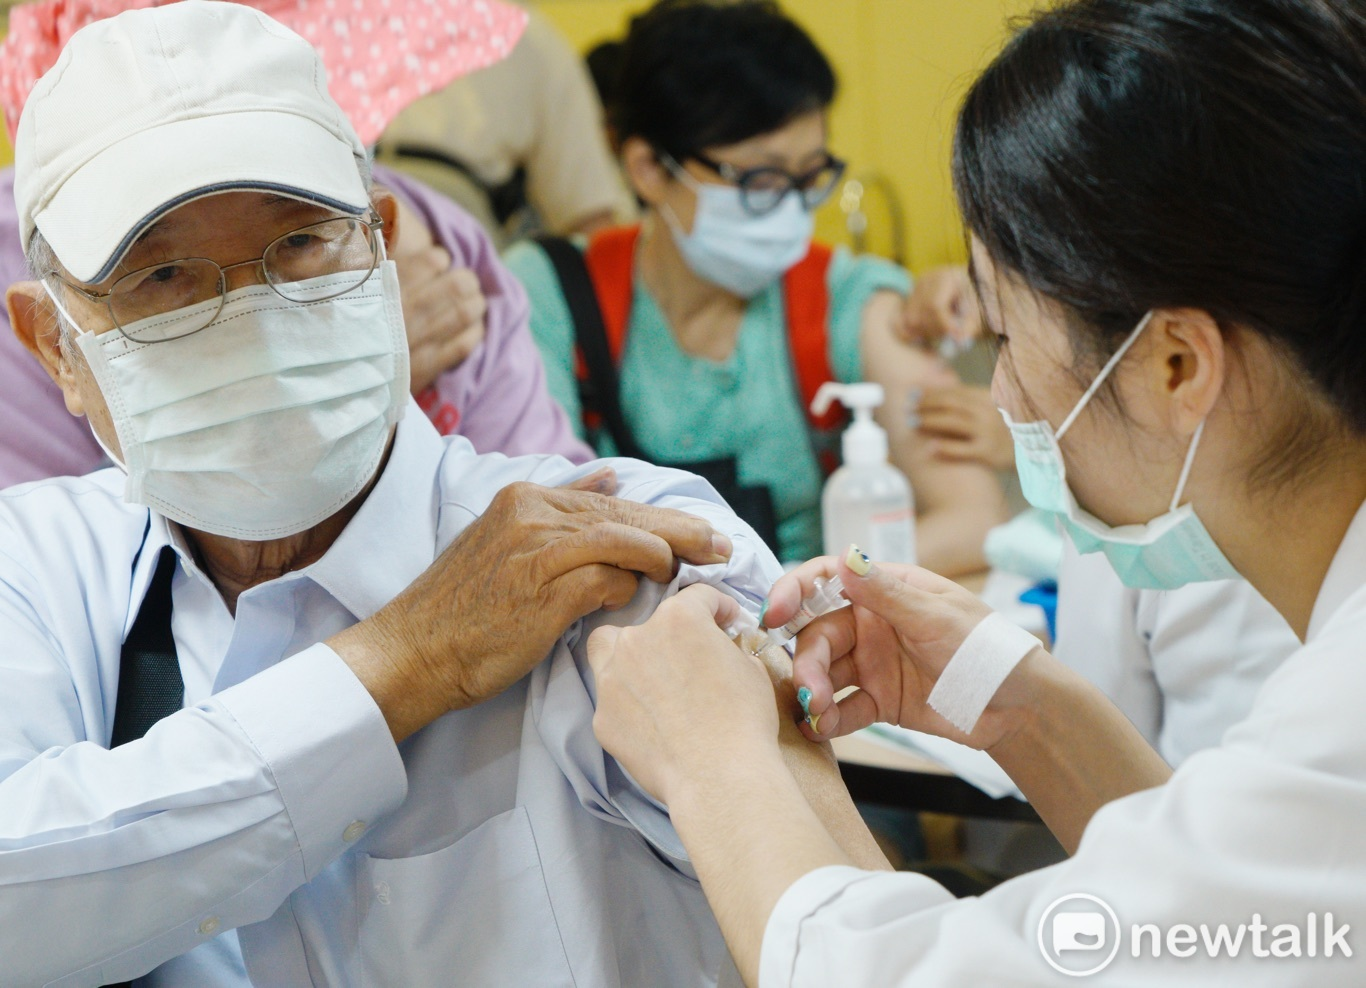 面對下一波新變種病毒來臨時,可能會對臺灣造成更嚴重的傷害,若能透過這次機會民間採購而大量施打,未來我們國家可以更強大。(圖為施打疫苗示意圖) 圖:張良一 / 攝(資料照)